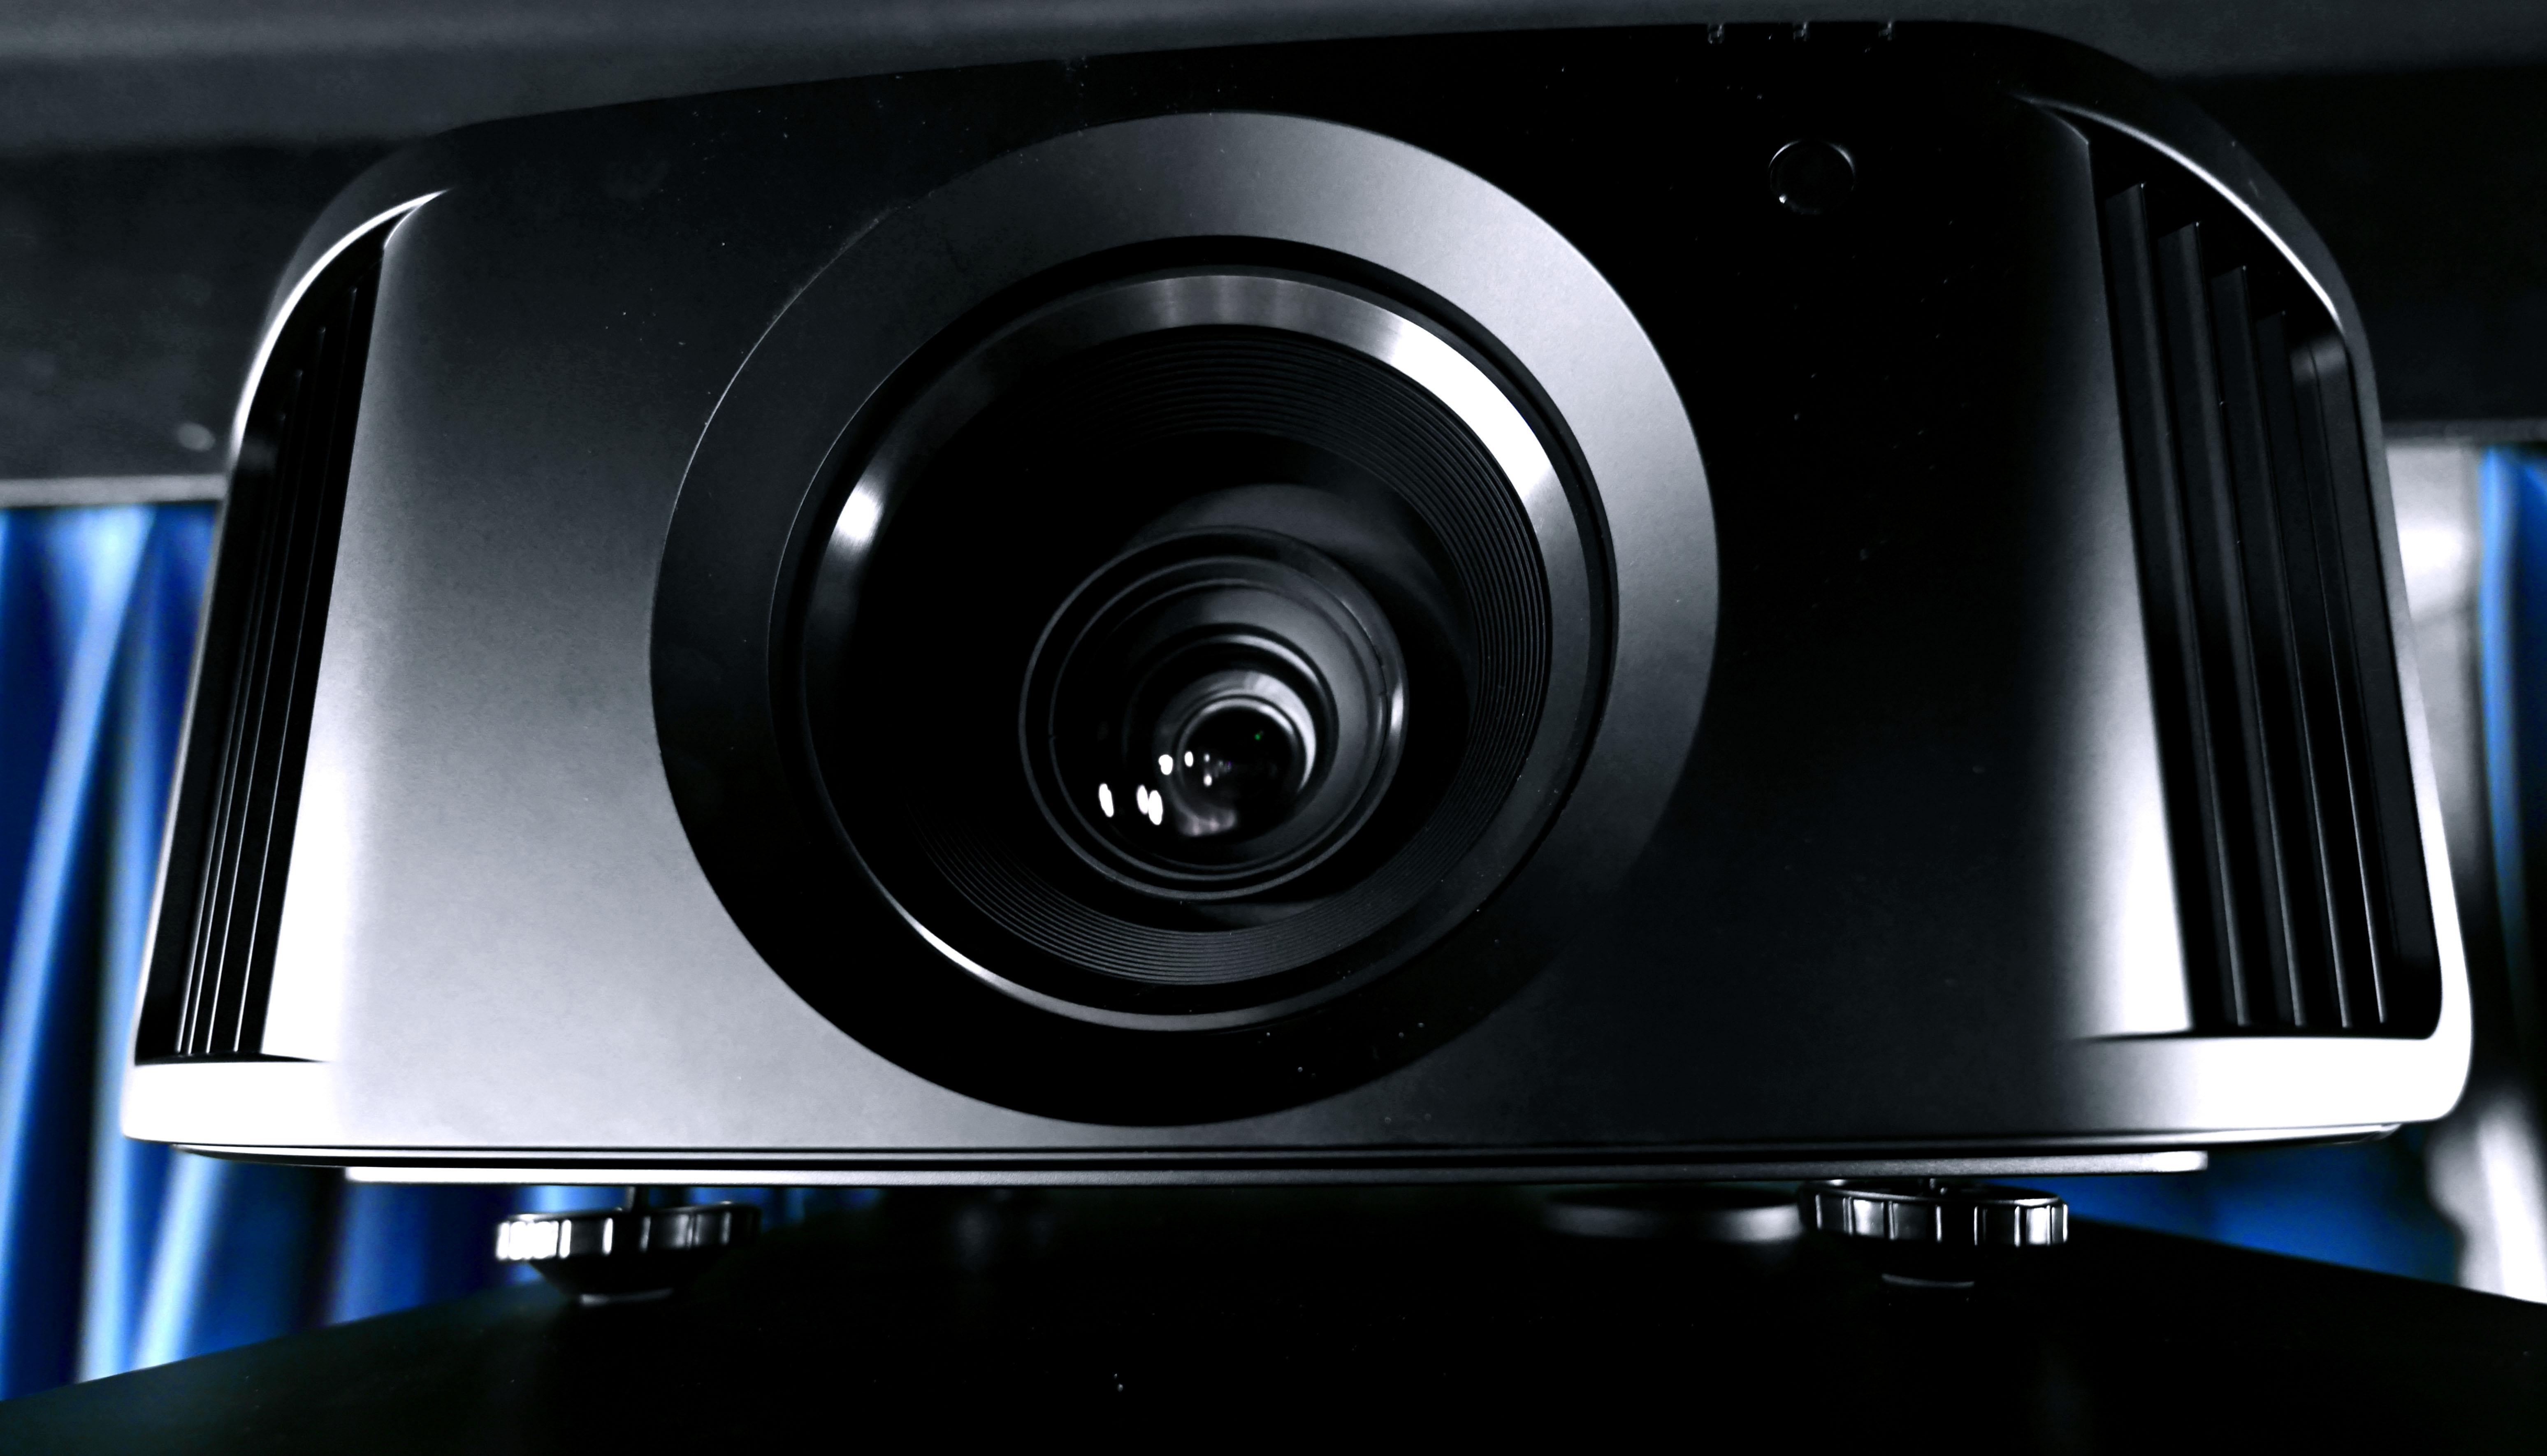 Foto: Michael B. Rehders - Der JVC DLA-N7 gab sich keine Blöße. Leicht zu kalibrieren und mit atemberaubender 4K/HDR-Performance ließ er die Teilnehmer staunen.